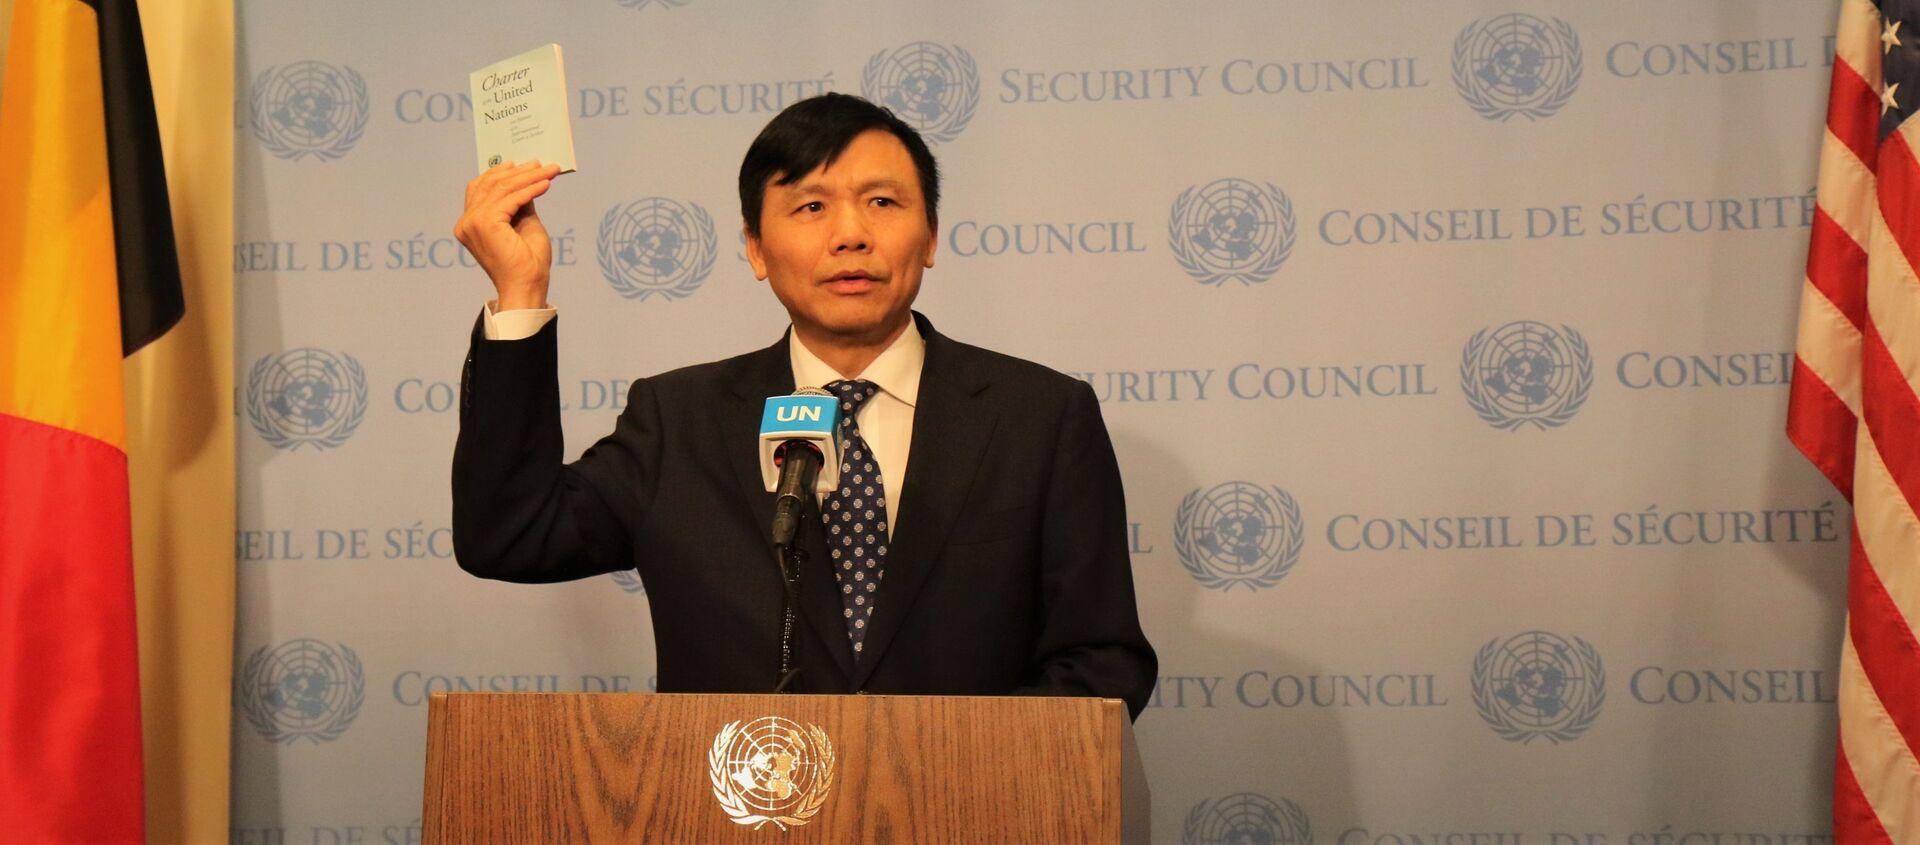 Đại sứ, Trưởng phái đoàn Việt Nam tại LHQ Đặng Đình Quý tuyên thệ trước Hiến chương LHQ tại Lễ thượng cờ - Sputnik Việt Nam, 1920, 03.01.2020